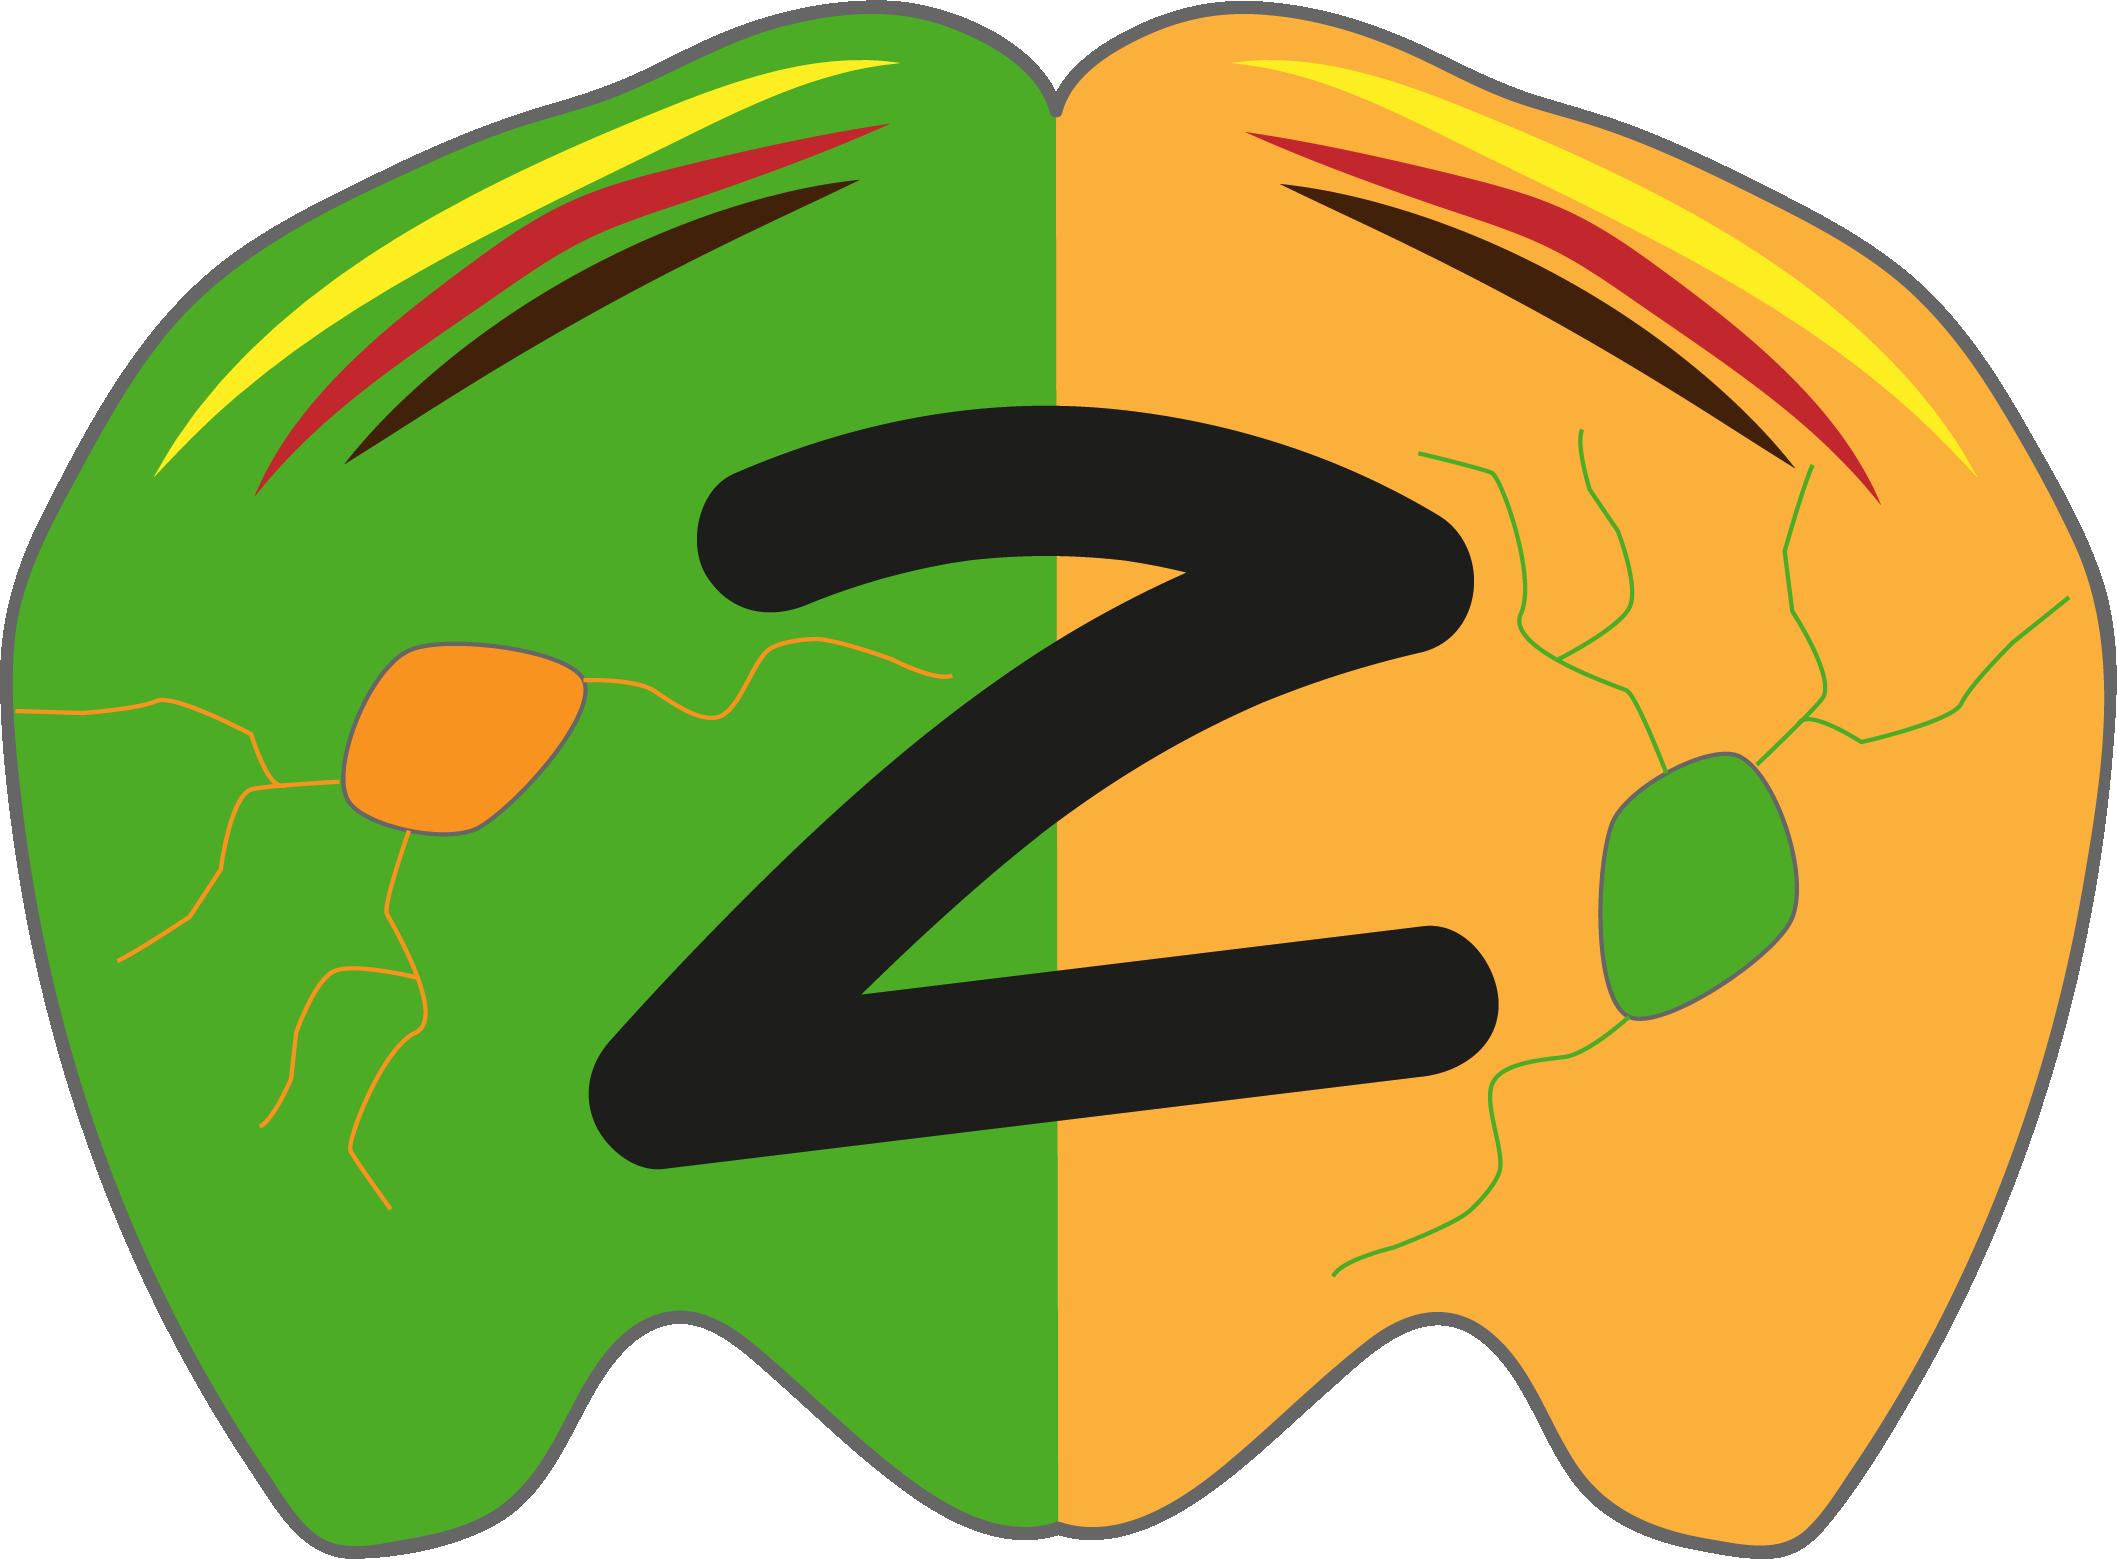 Zeisel Lab